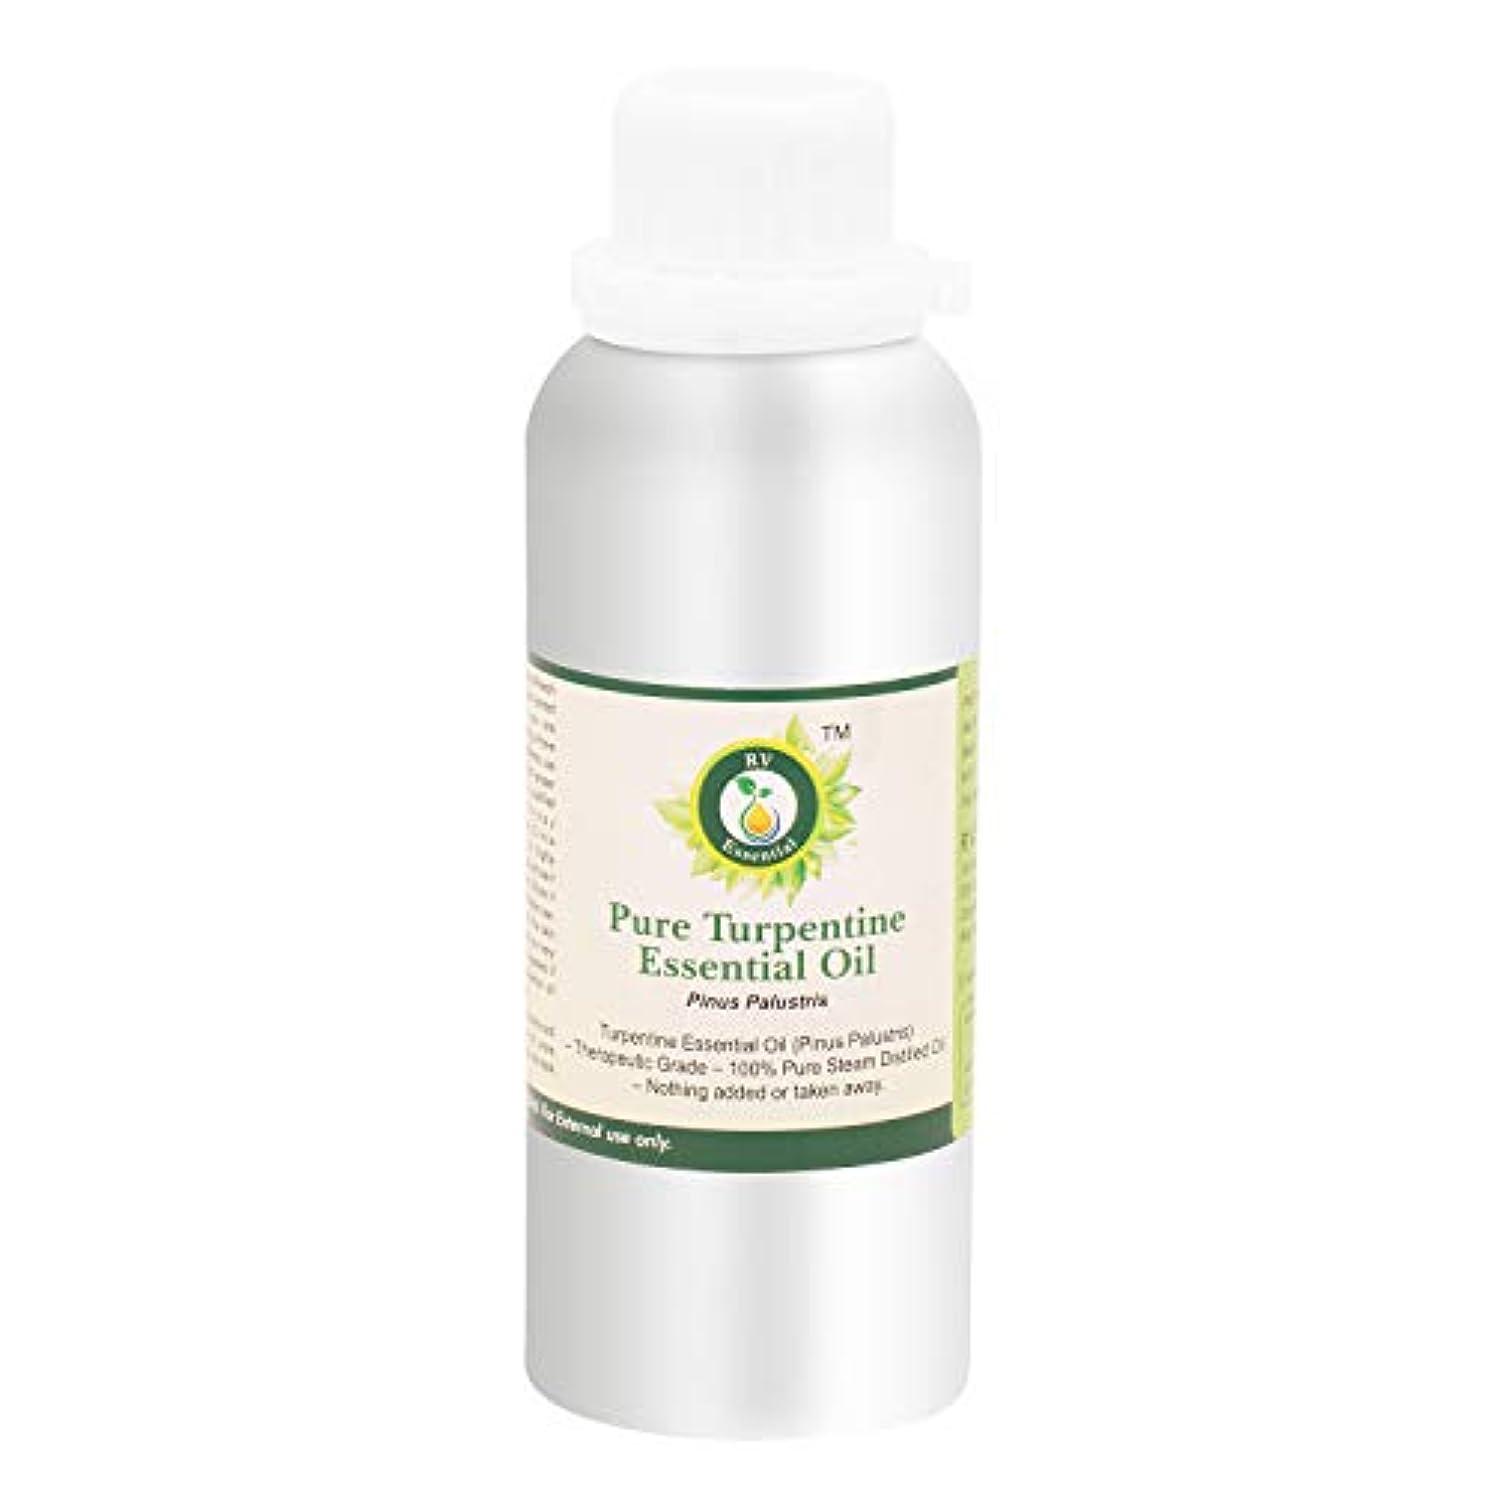 連合なぜなら献身純粋なターペンタイン精油630ml (21oz)- Pinus Palustris (100%純粋&天然スチームDistilled) Pure Turpentine Essential Oil